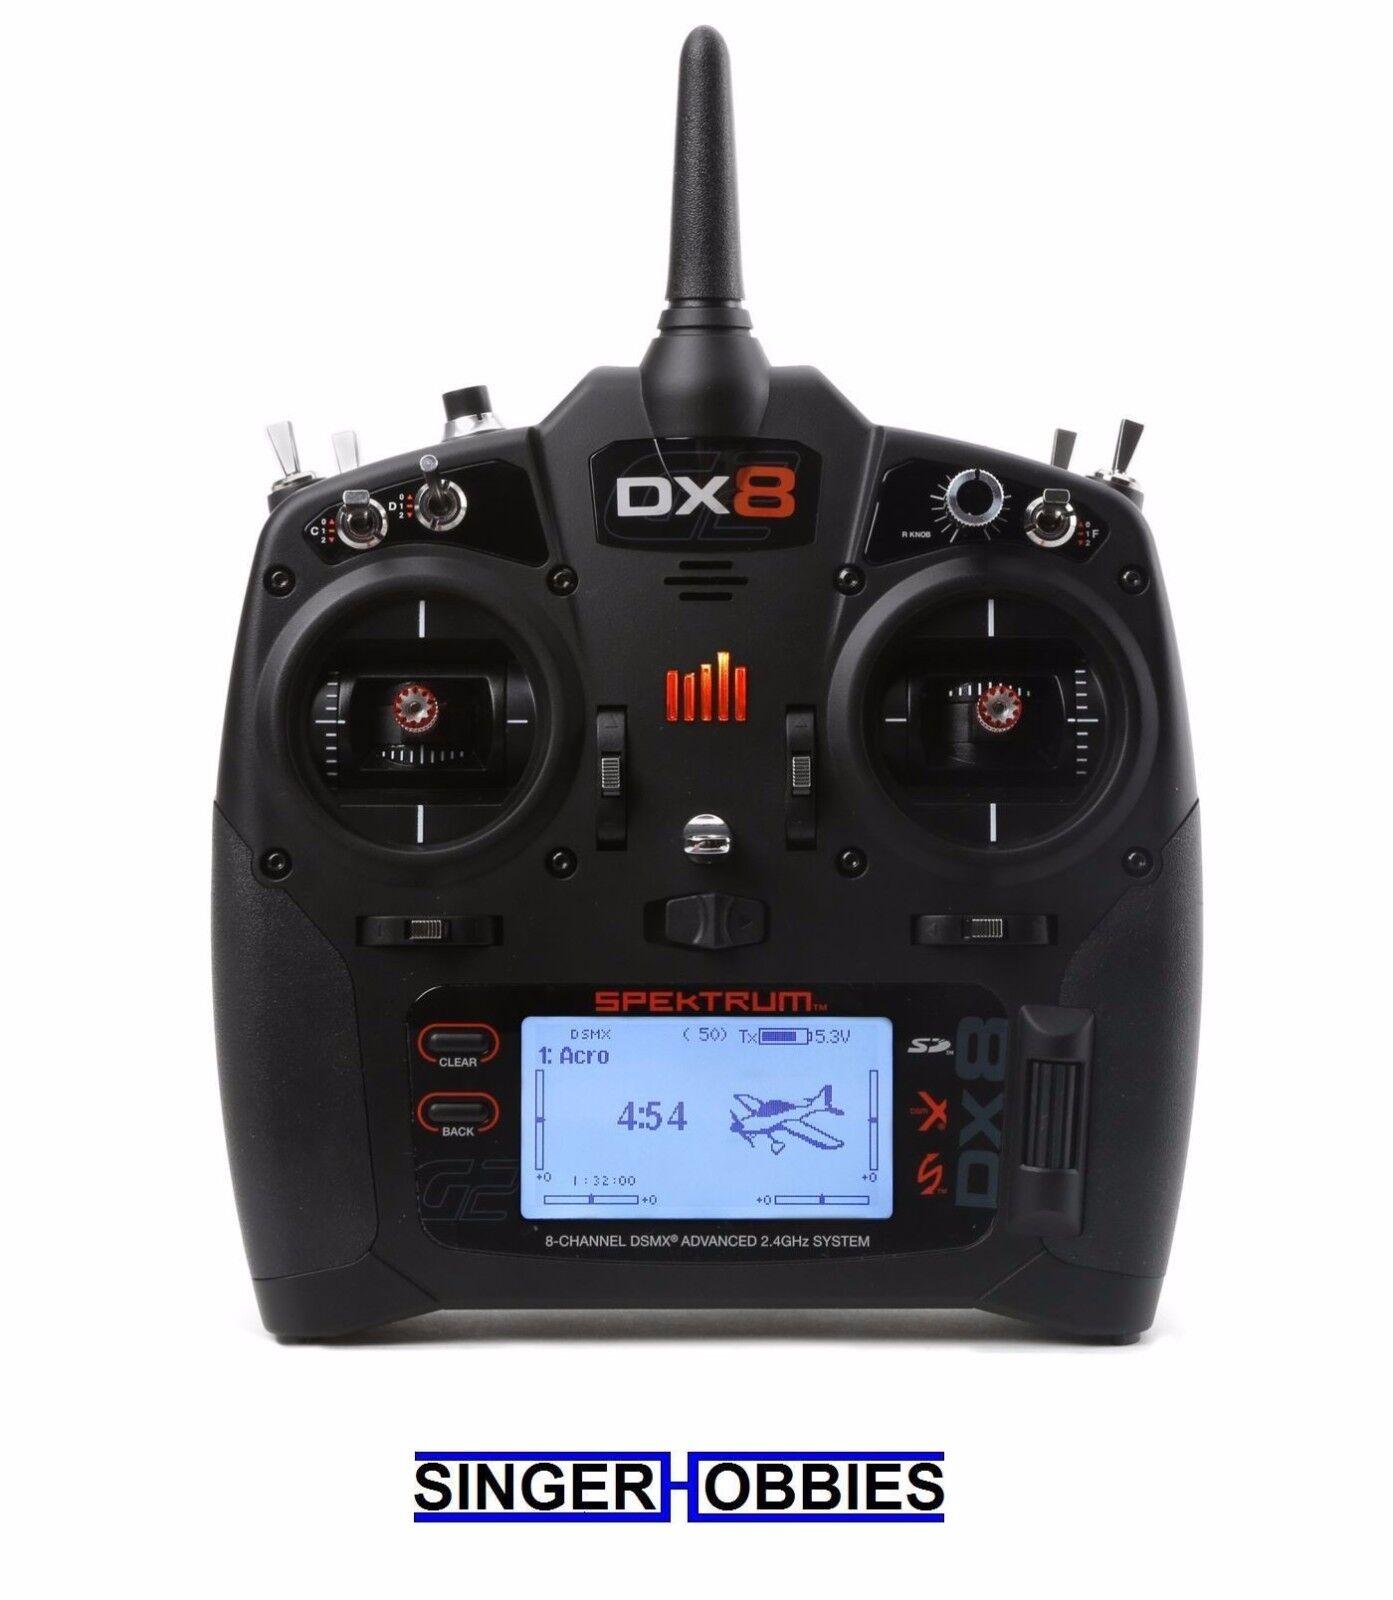 Spektrum DX8 GEN 2 Dsmx Transmisor De 8 Canales (radio), modo 2 SPMR 8000 Hh